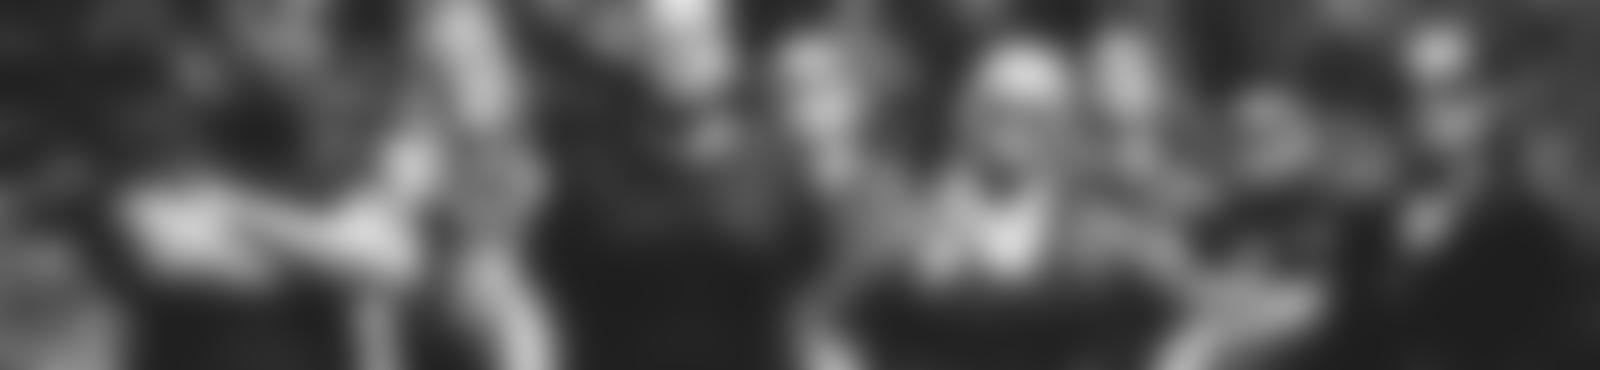 Blurred f3d4ba3a 1ab8 4dd6 9e23 698534ecffb8